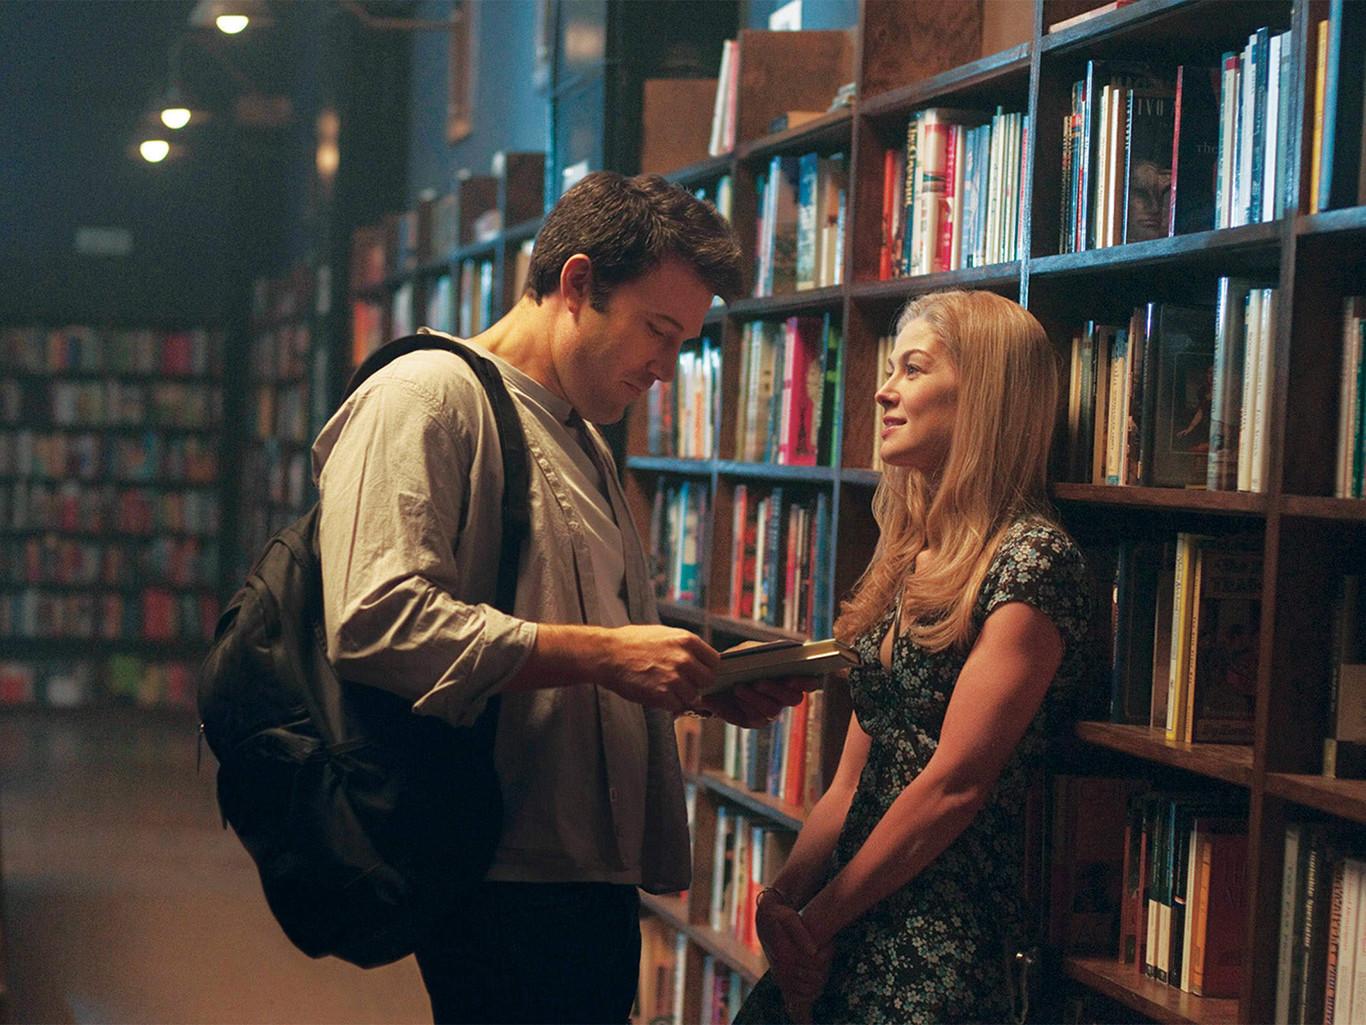 Peliculas Eroticas No Porno Para Ver En Pareja 17 películas de netflix para ver en pareja cuando ya no